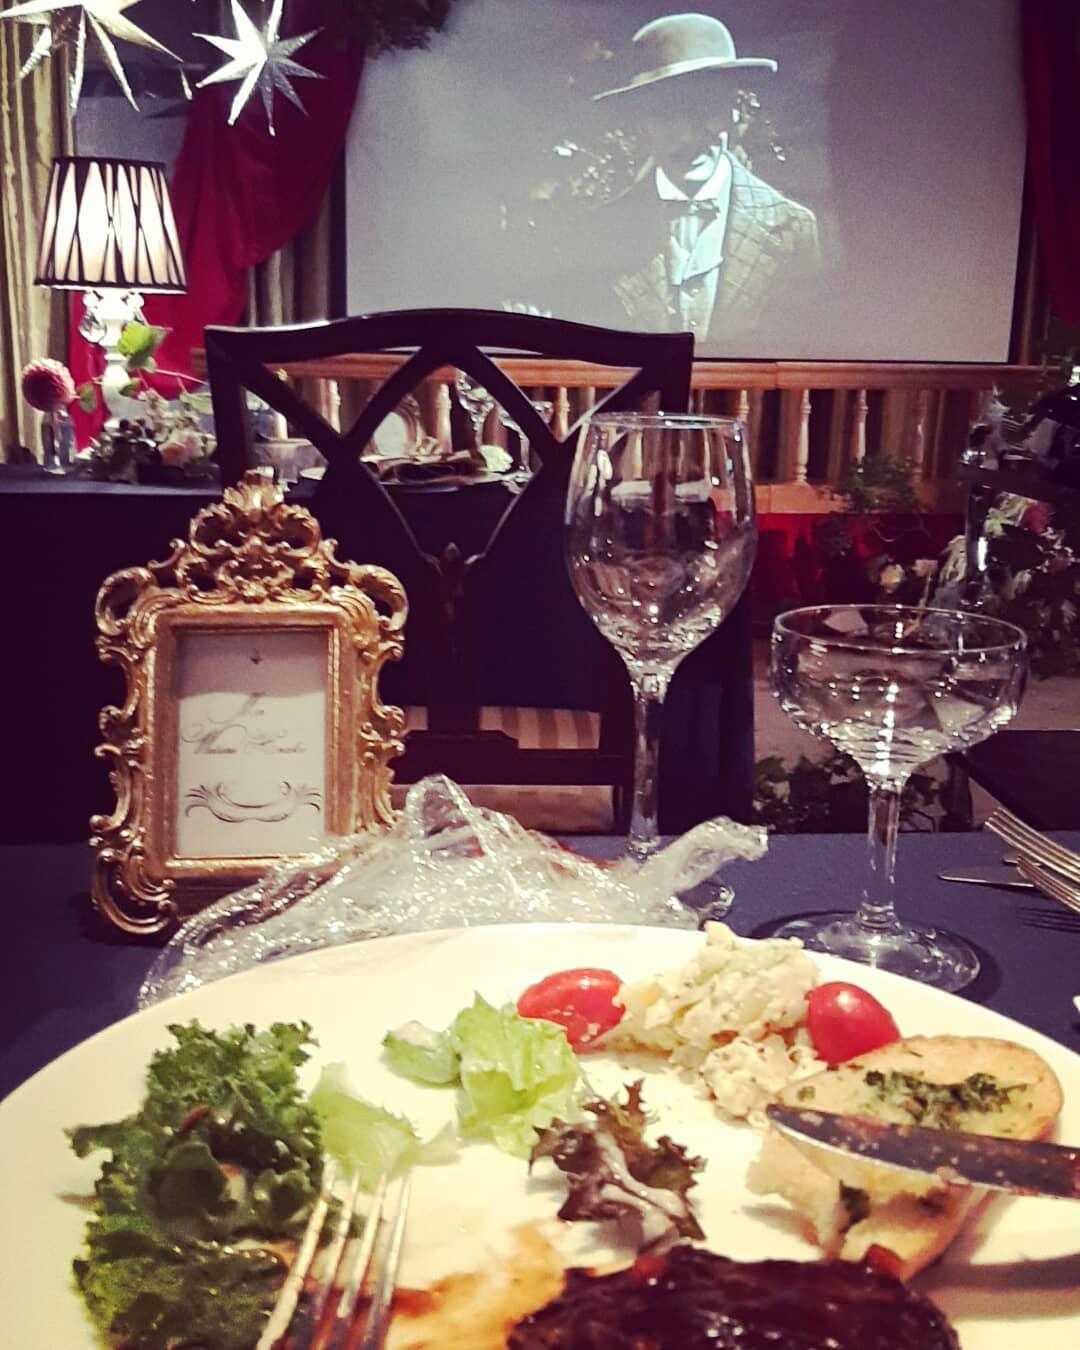 映画を見ながら、披露宴。撮影日のランチはゲスト席でいただきました。オサレなレストランって感じで楽しかったです!このレイアウト、流行らせたい!#劇場型披露宴#クラシック#前向き配置#旧軽井沢ホテル音羽ノ森#wedding#判治ミホ#スタイリング#スタイリスト#ウエディング#会場装飾